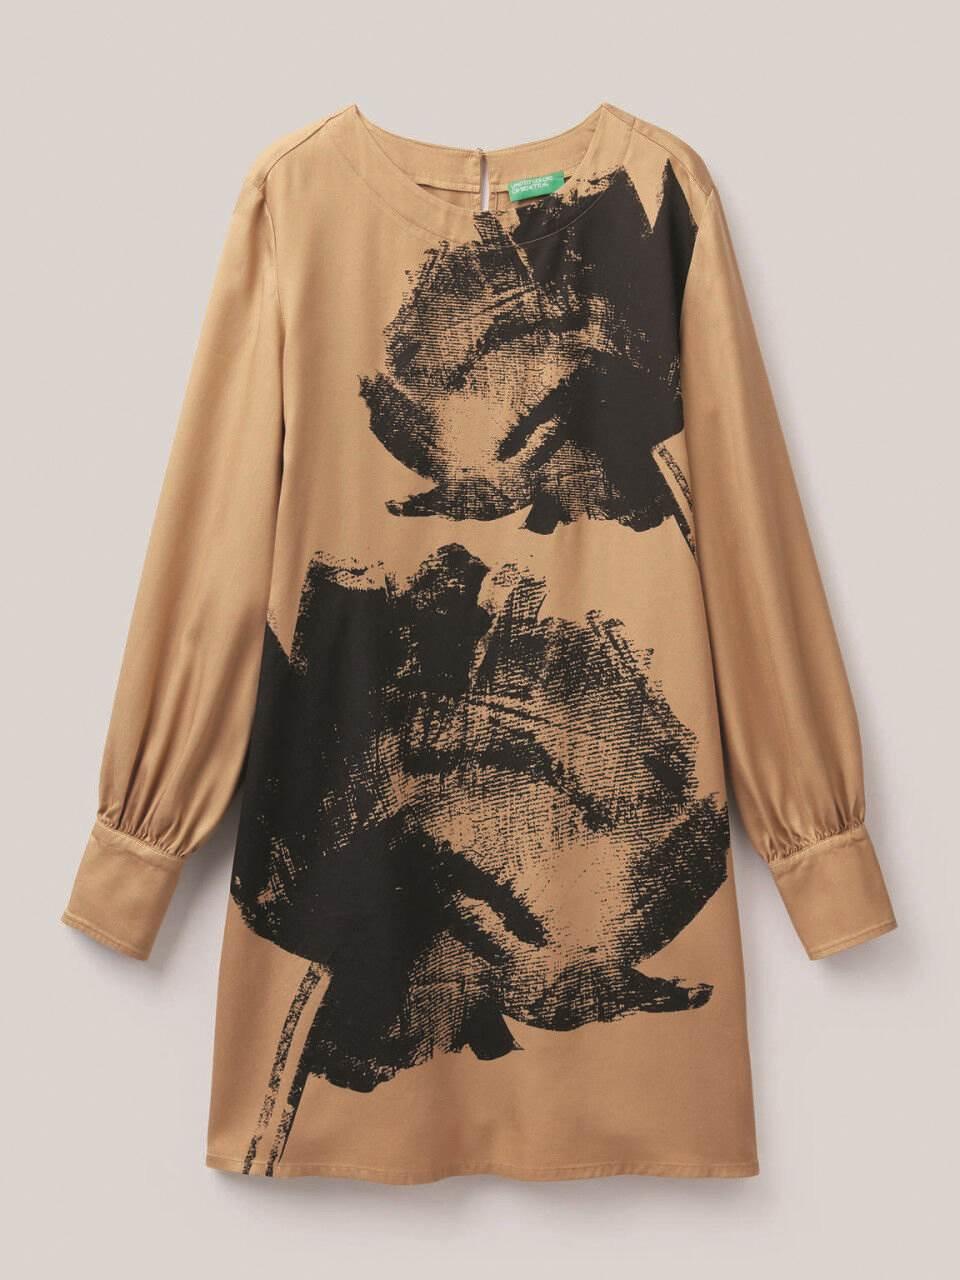 United Colors of Benneton, haljina, 619 kn (cijena bez popusta, popust se obračunava prilikom kupnje)